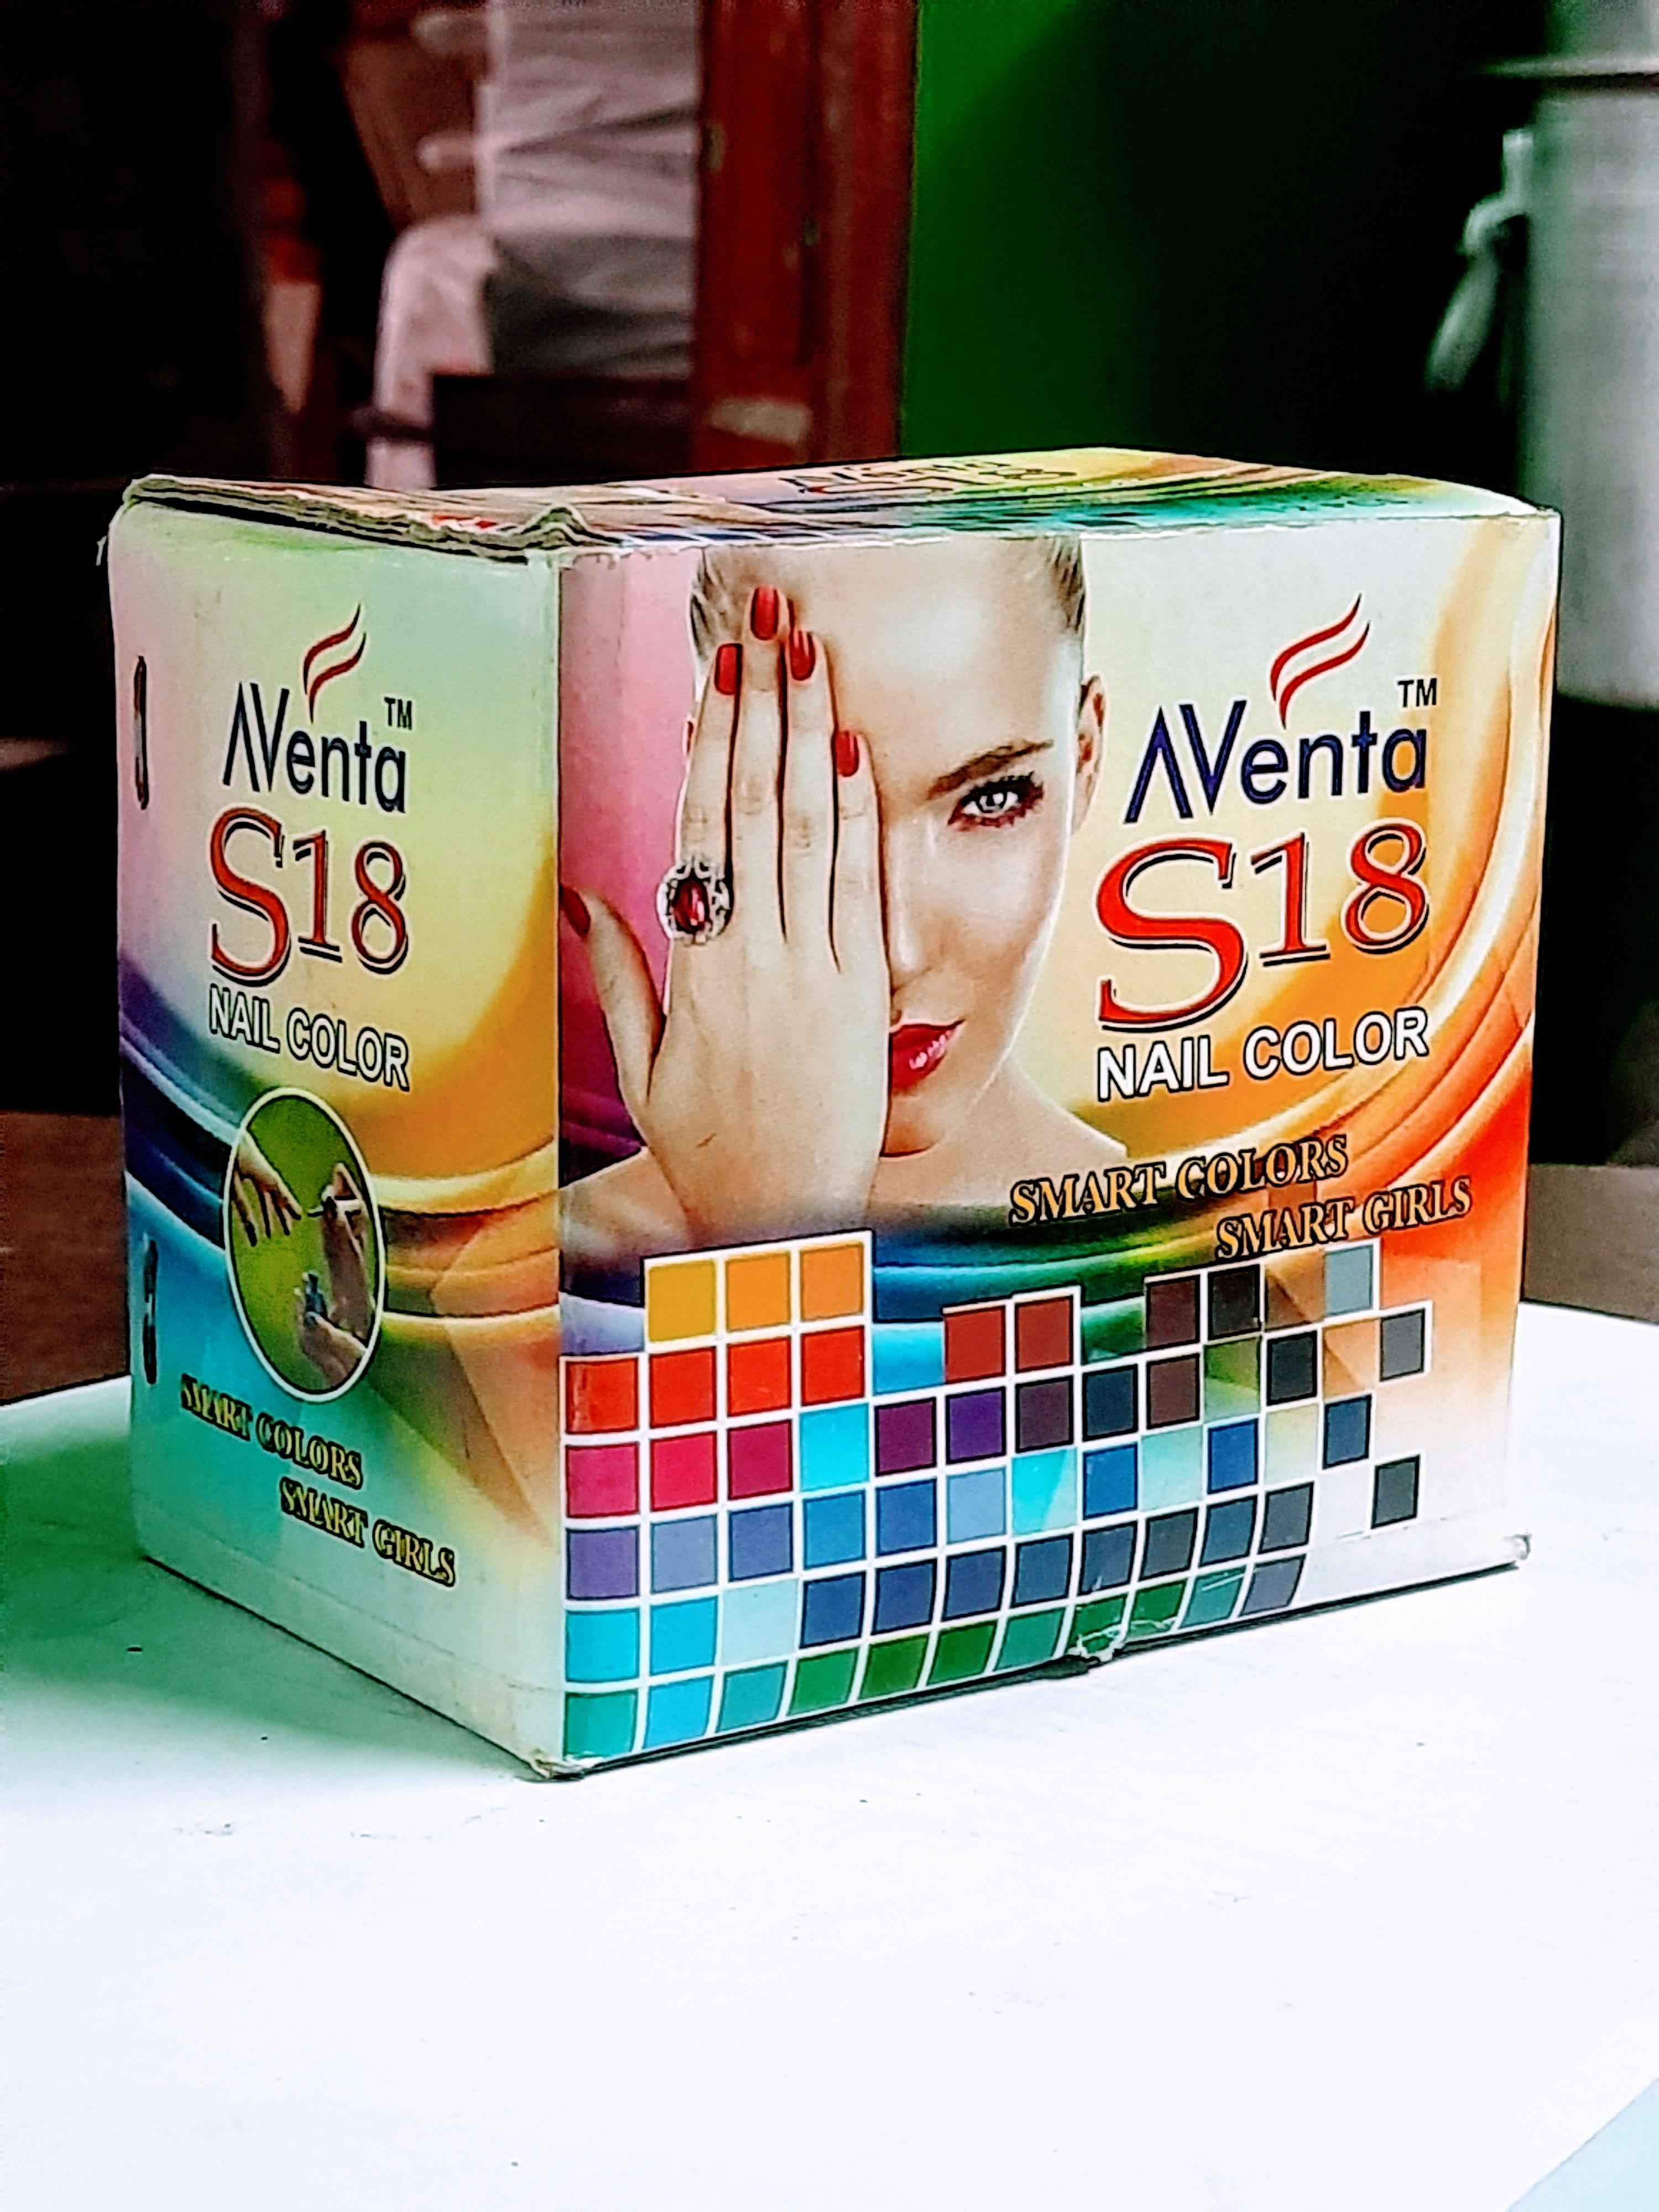 AVENTA S18 Nail Color